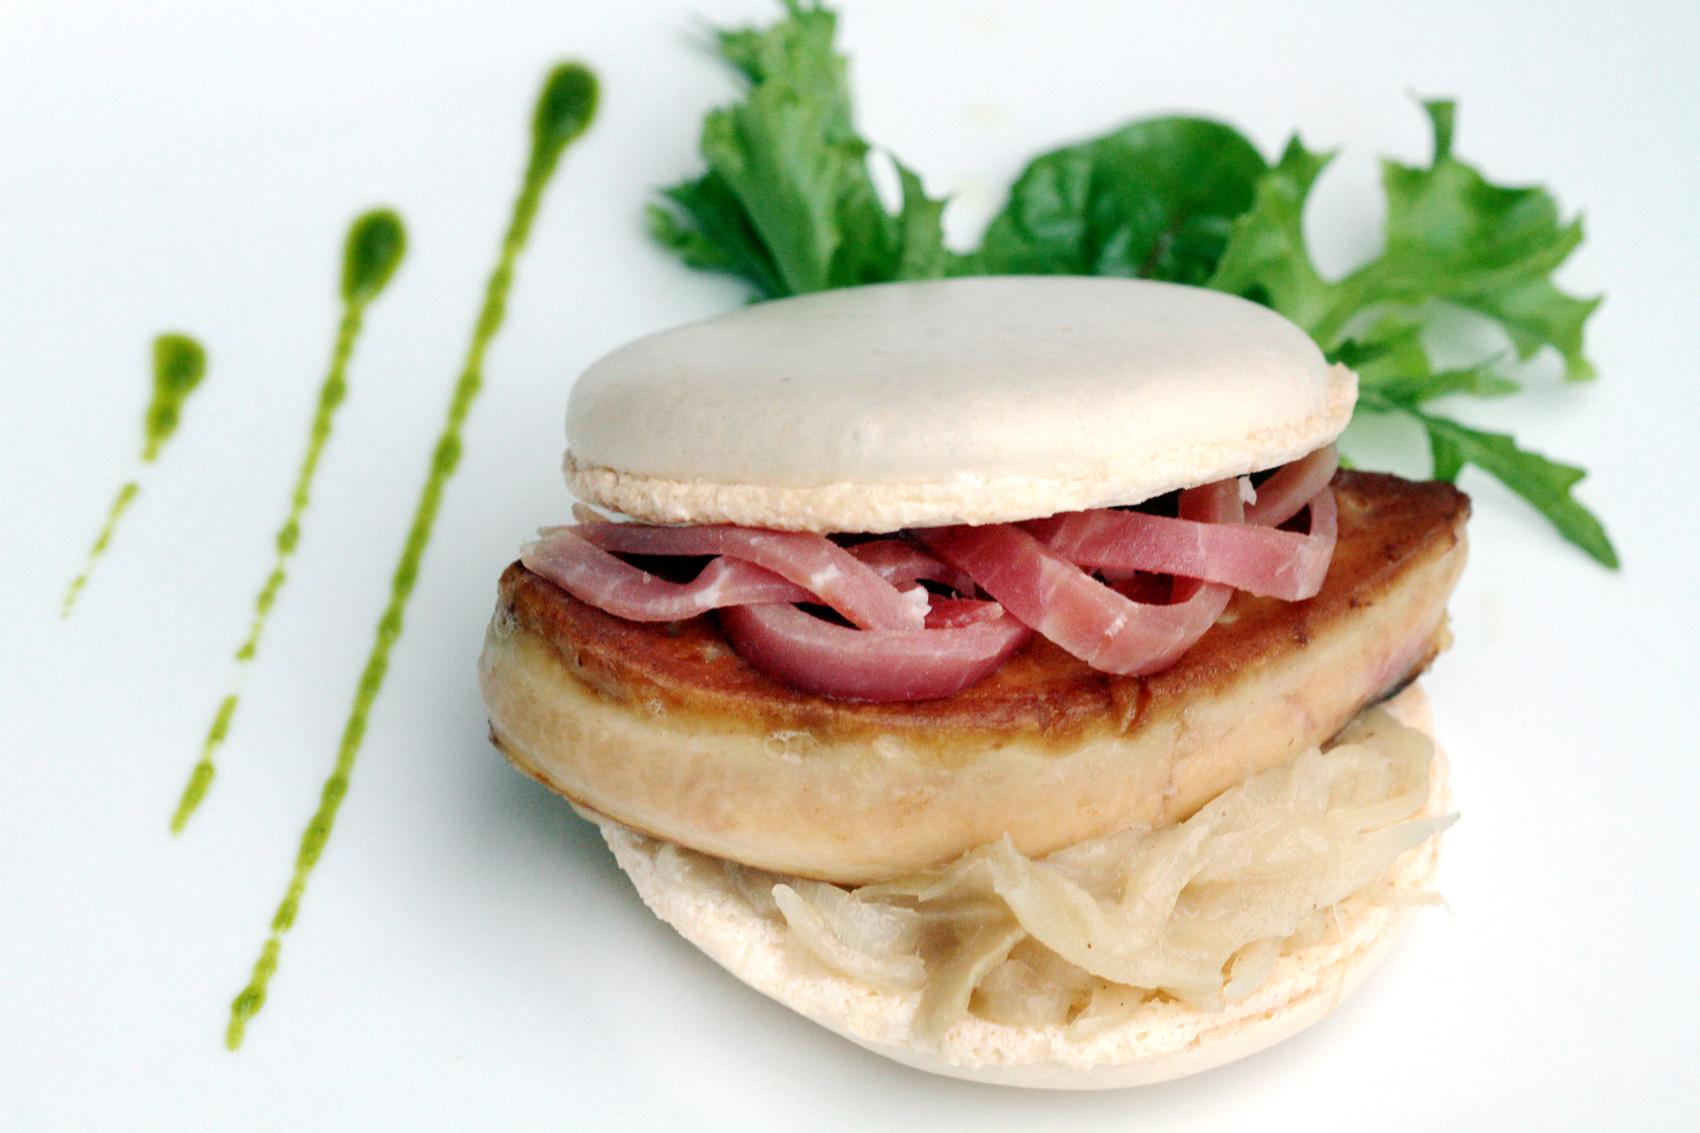 Macaron au foie gras poêlé et sa compotée d'oignon doux des Cévennes par Gérard Cabiron, de Cabiron Traiteur